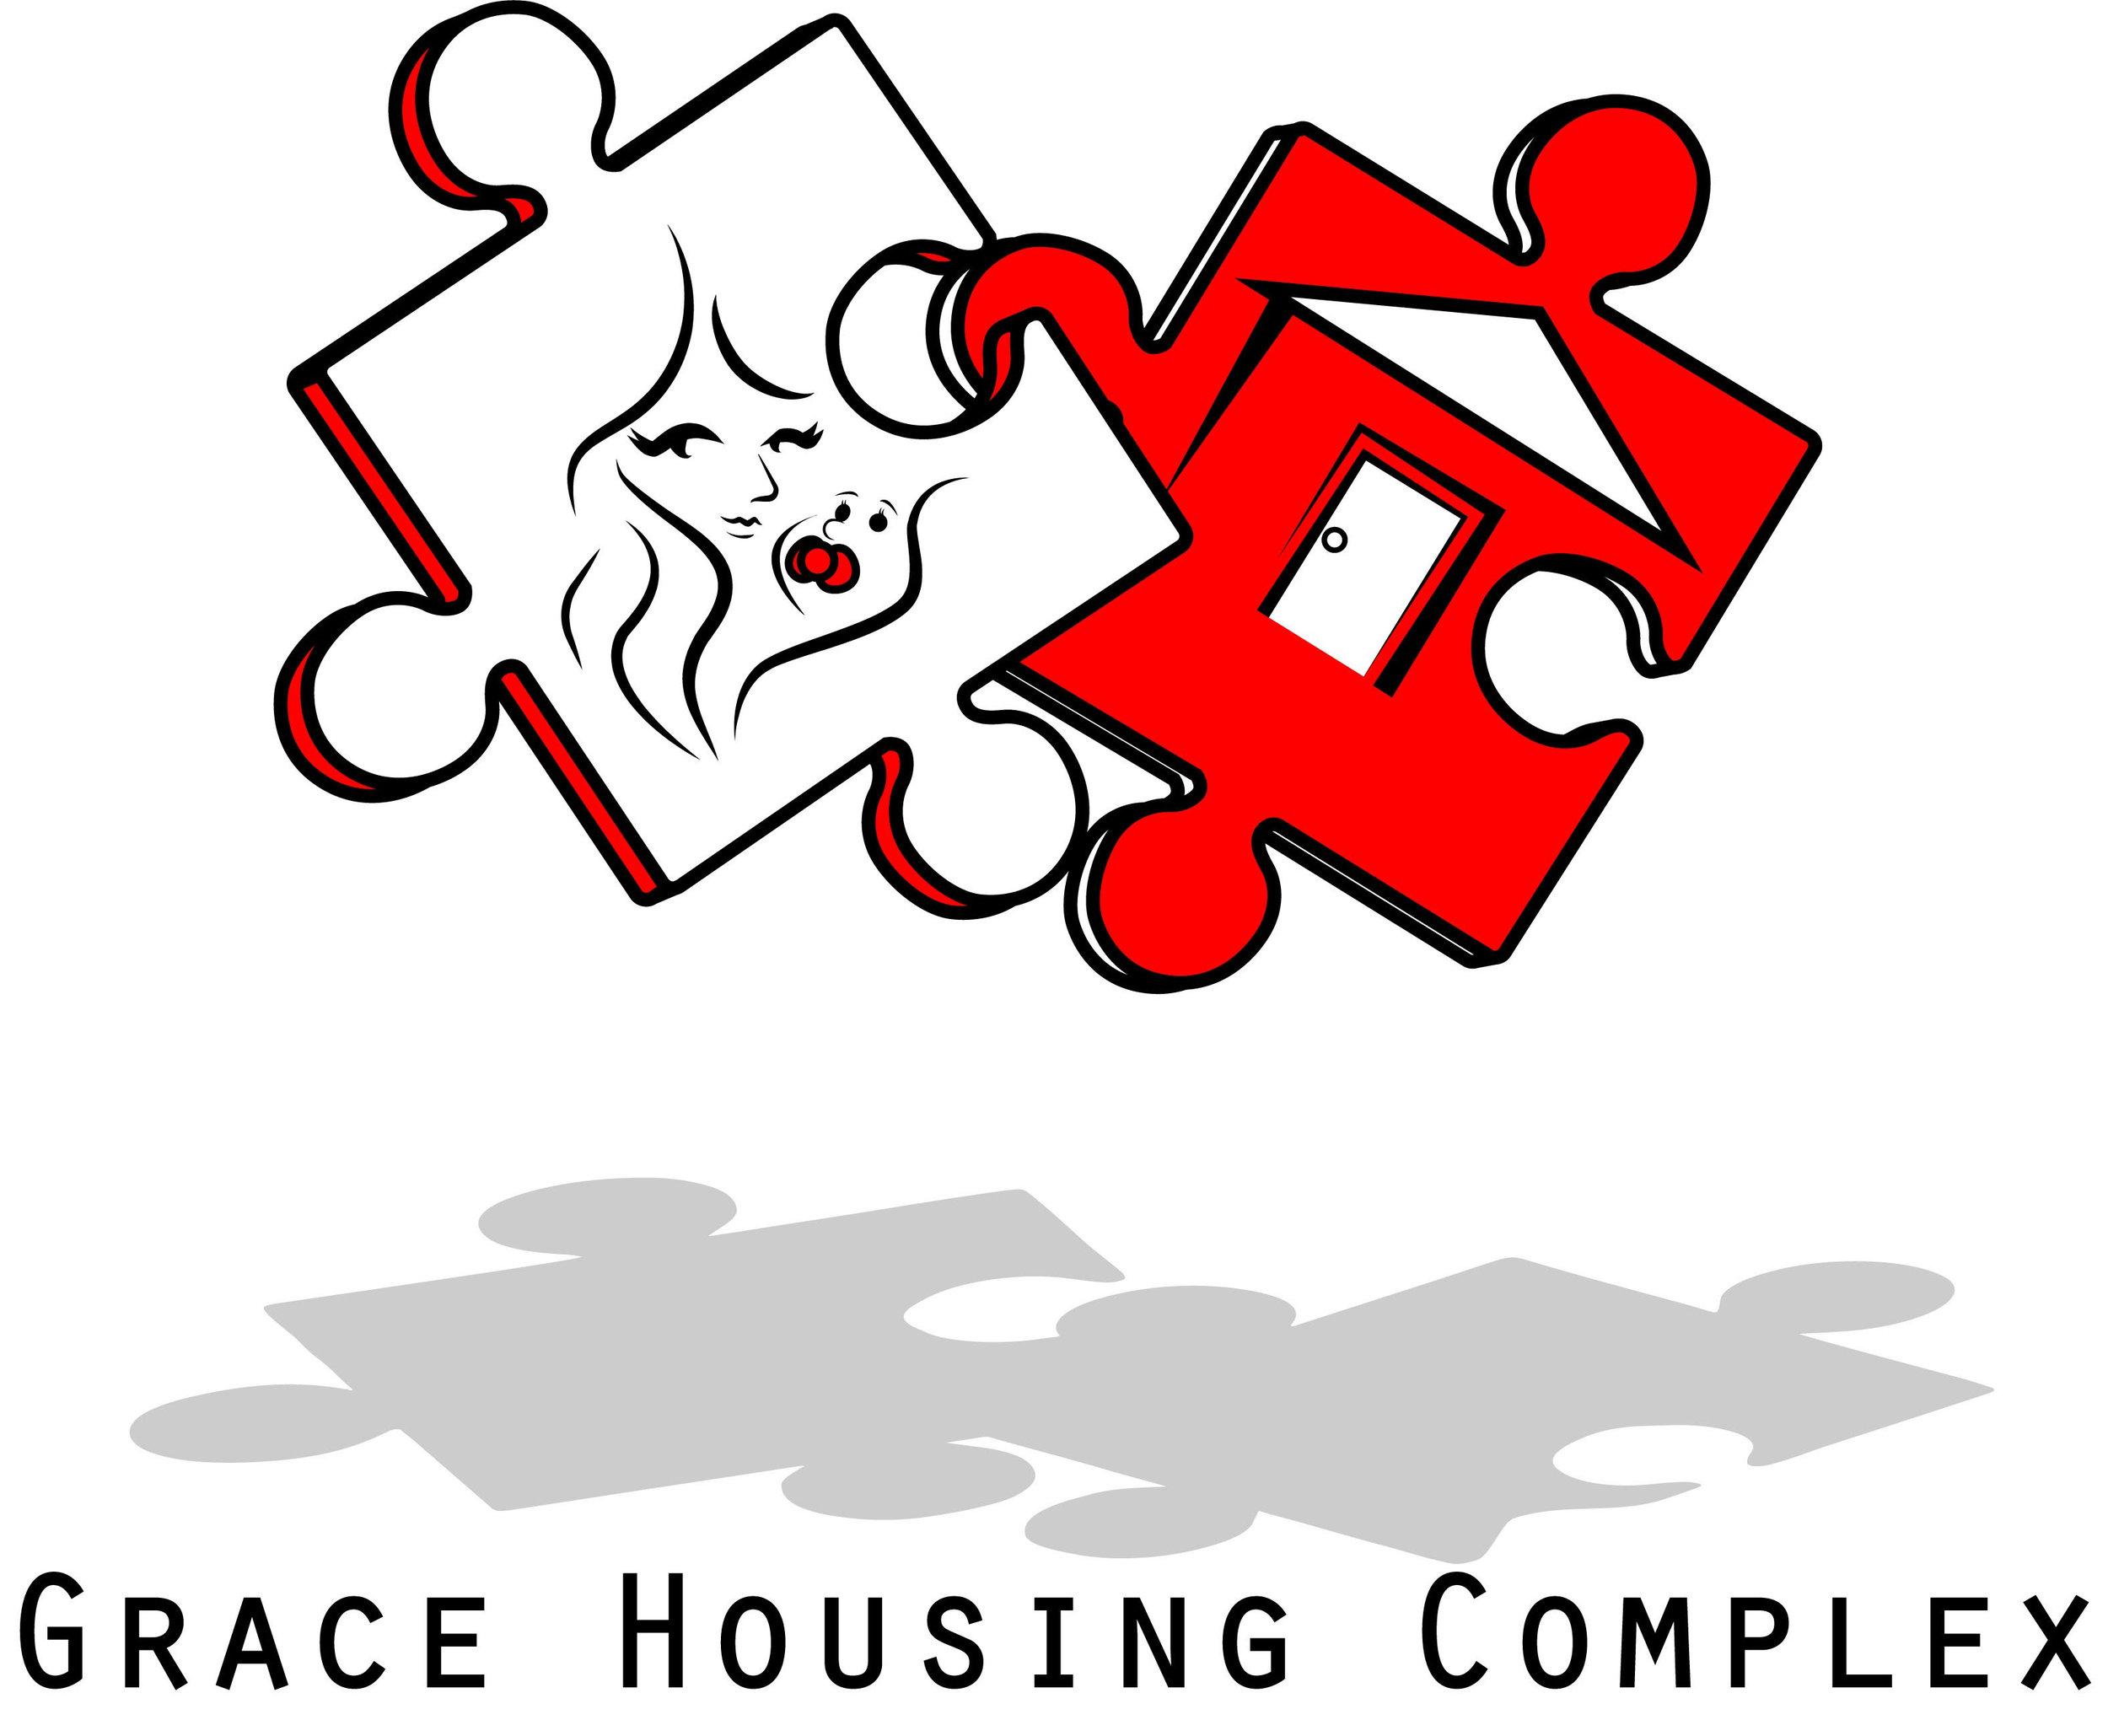 gracehousing logo.jpg